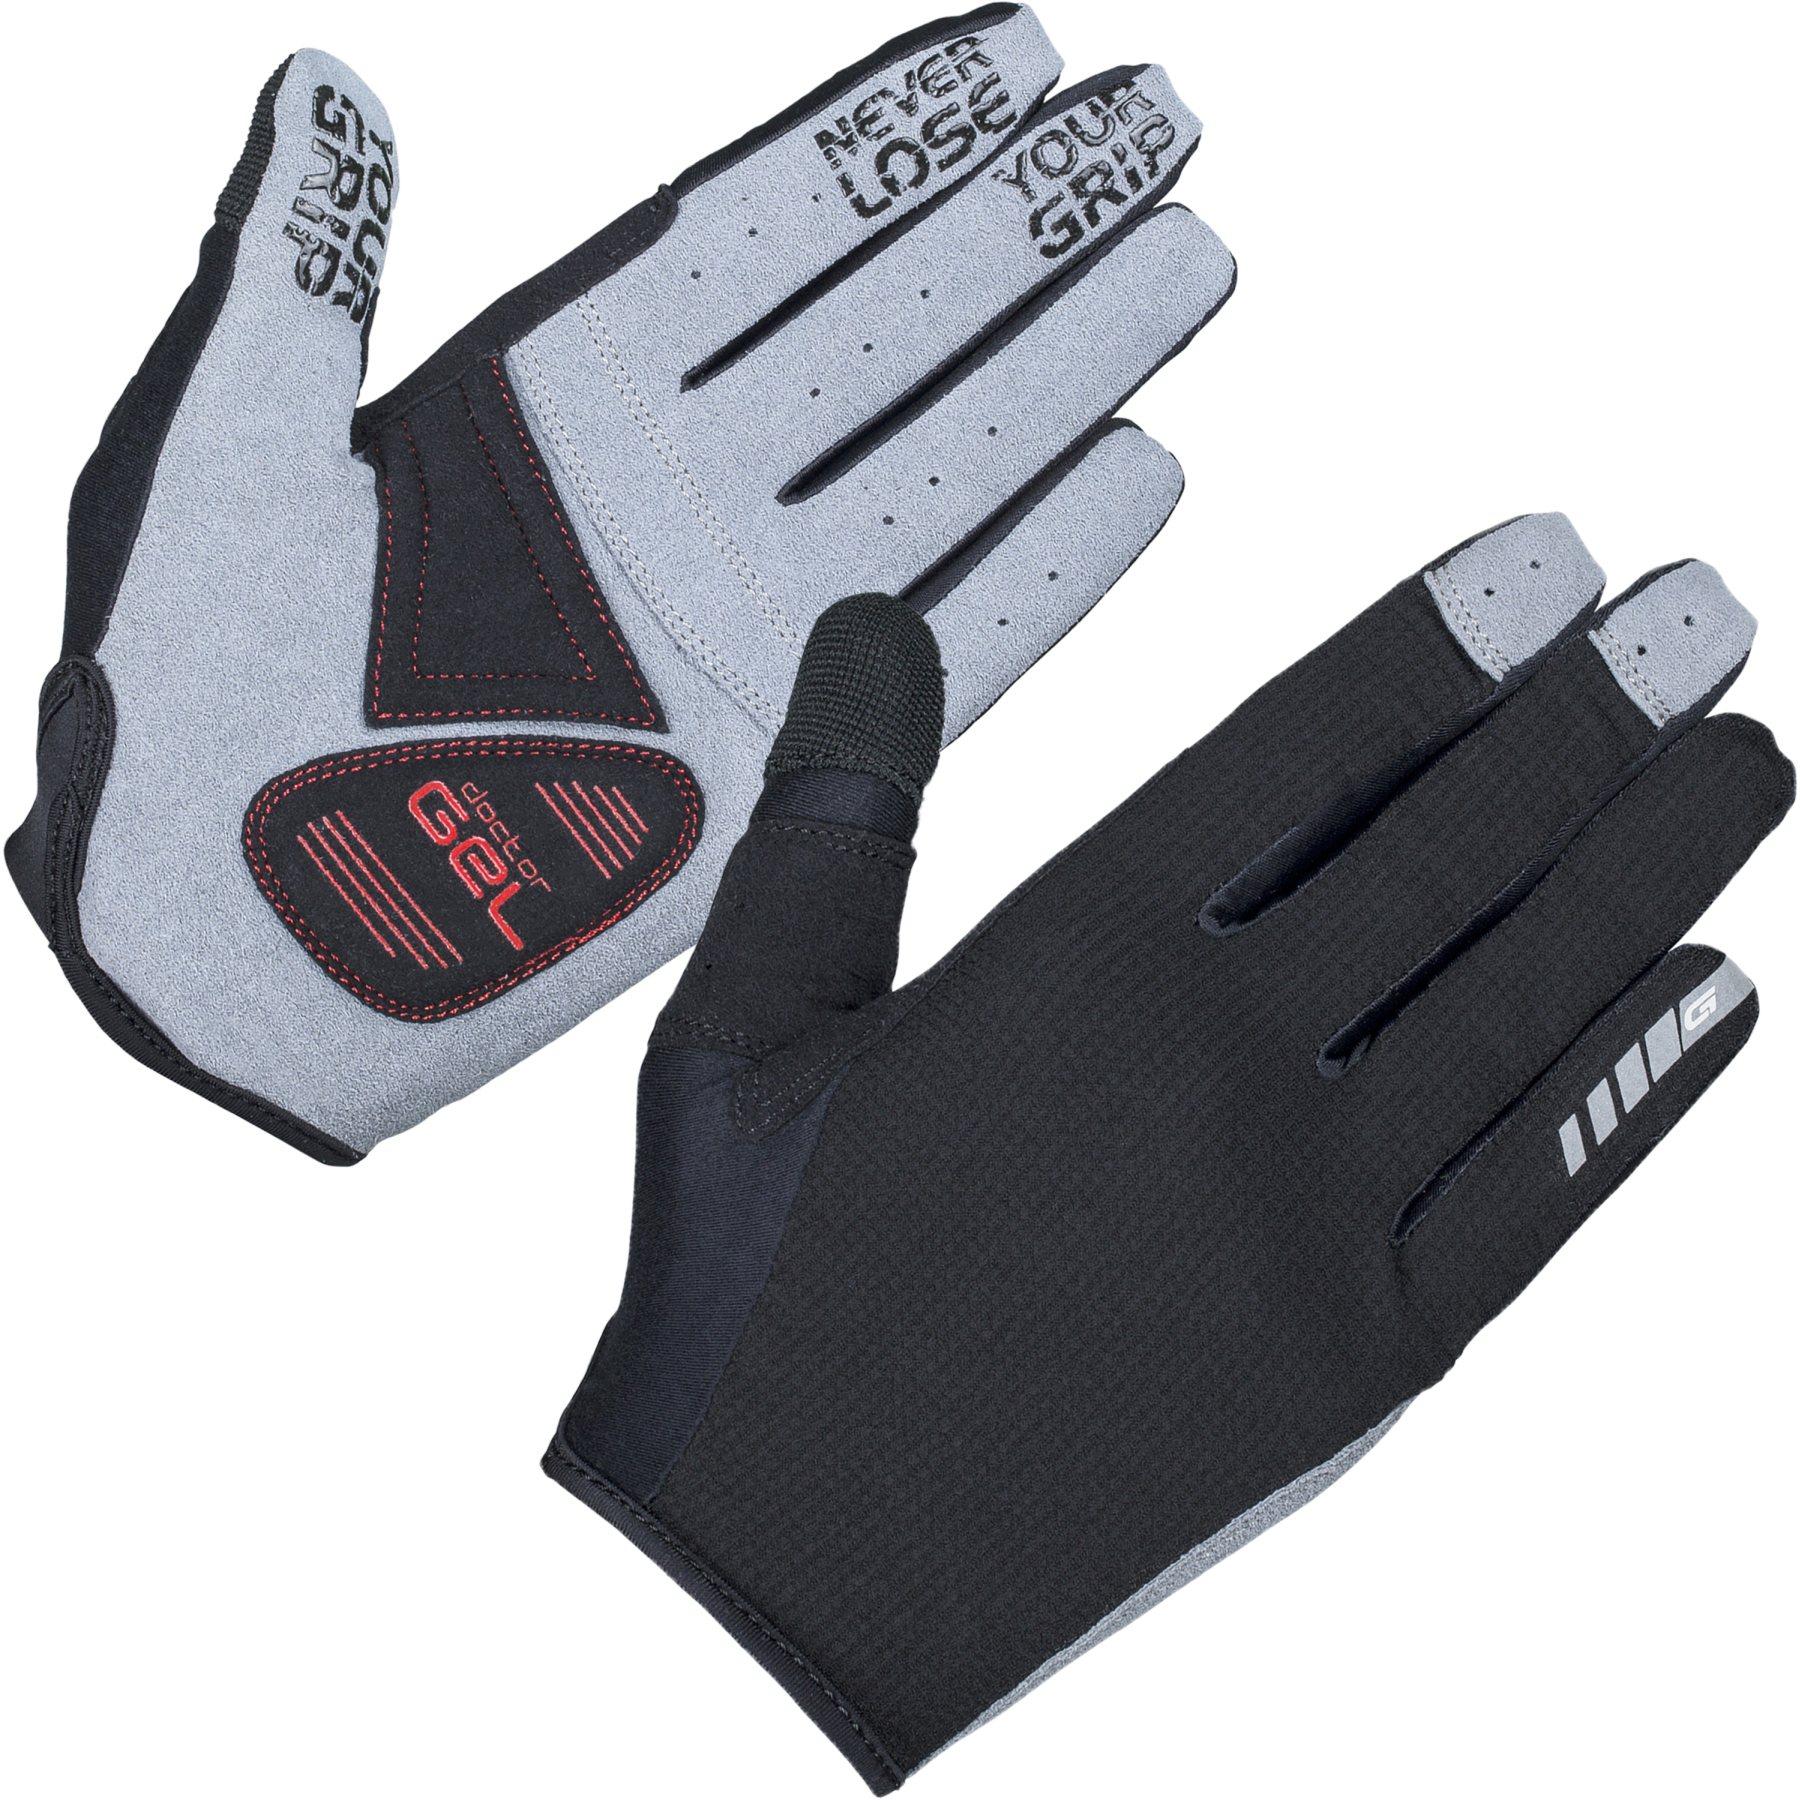 GripGrab Shark Padded Full Finger Glove - Black